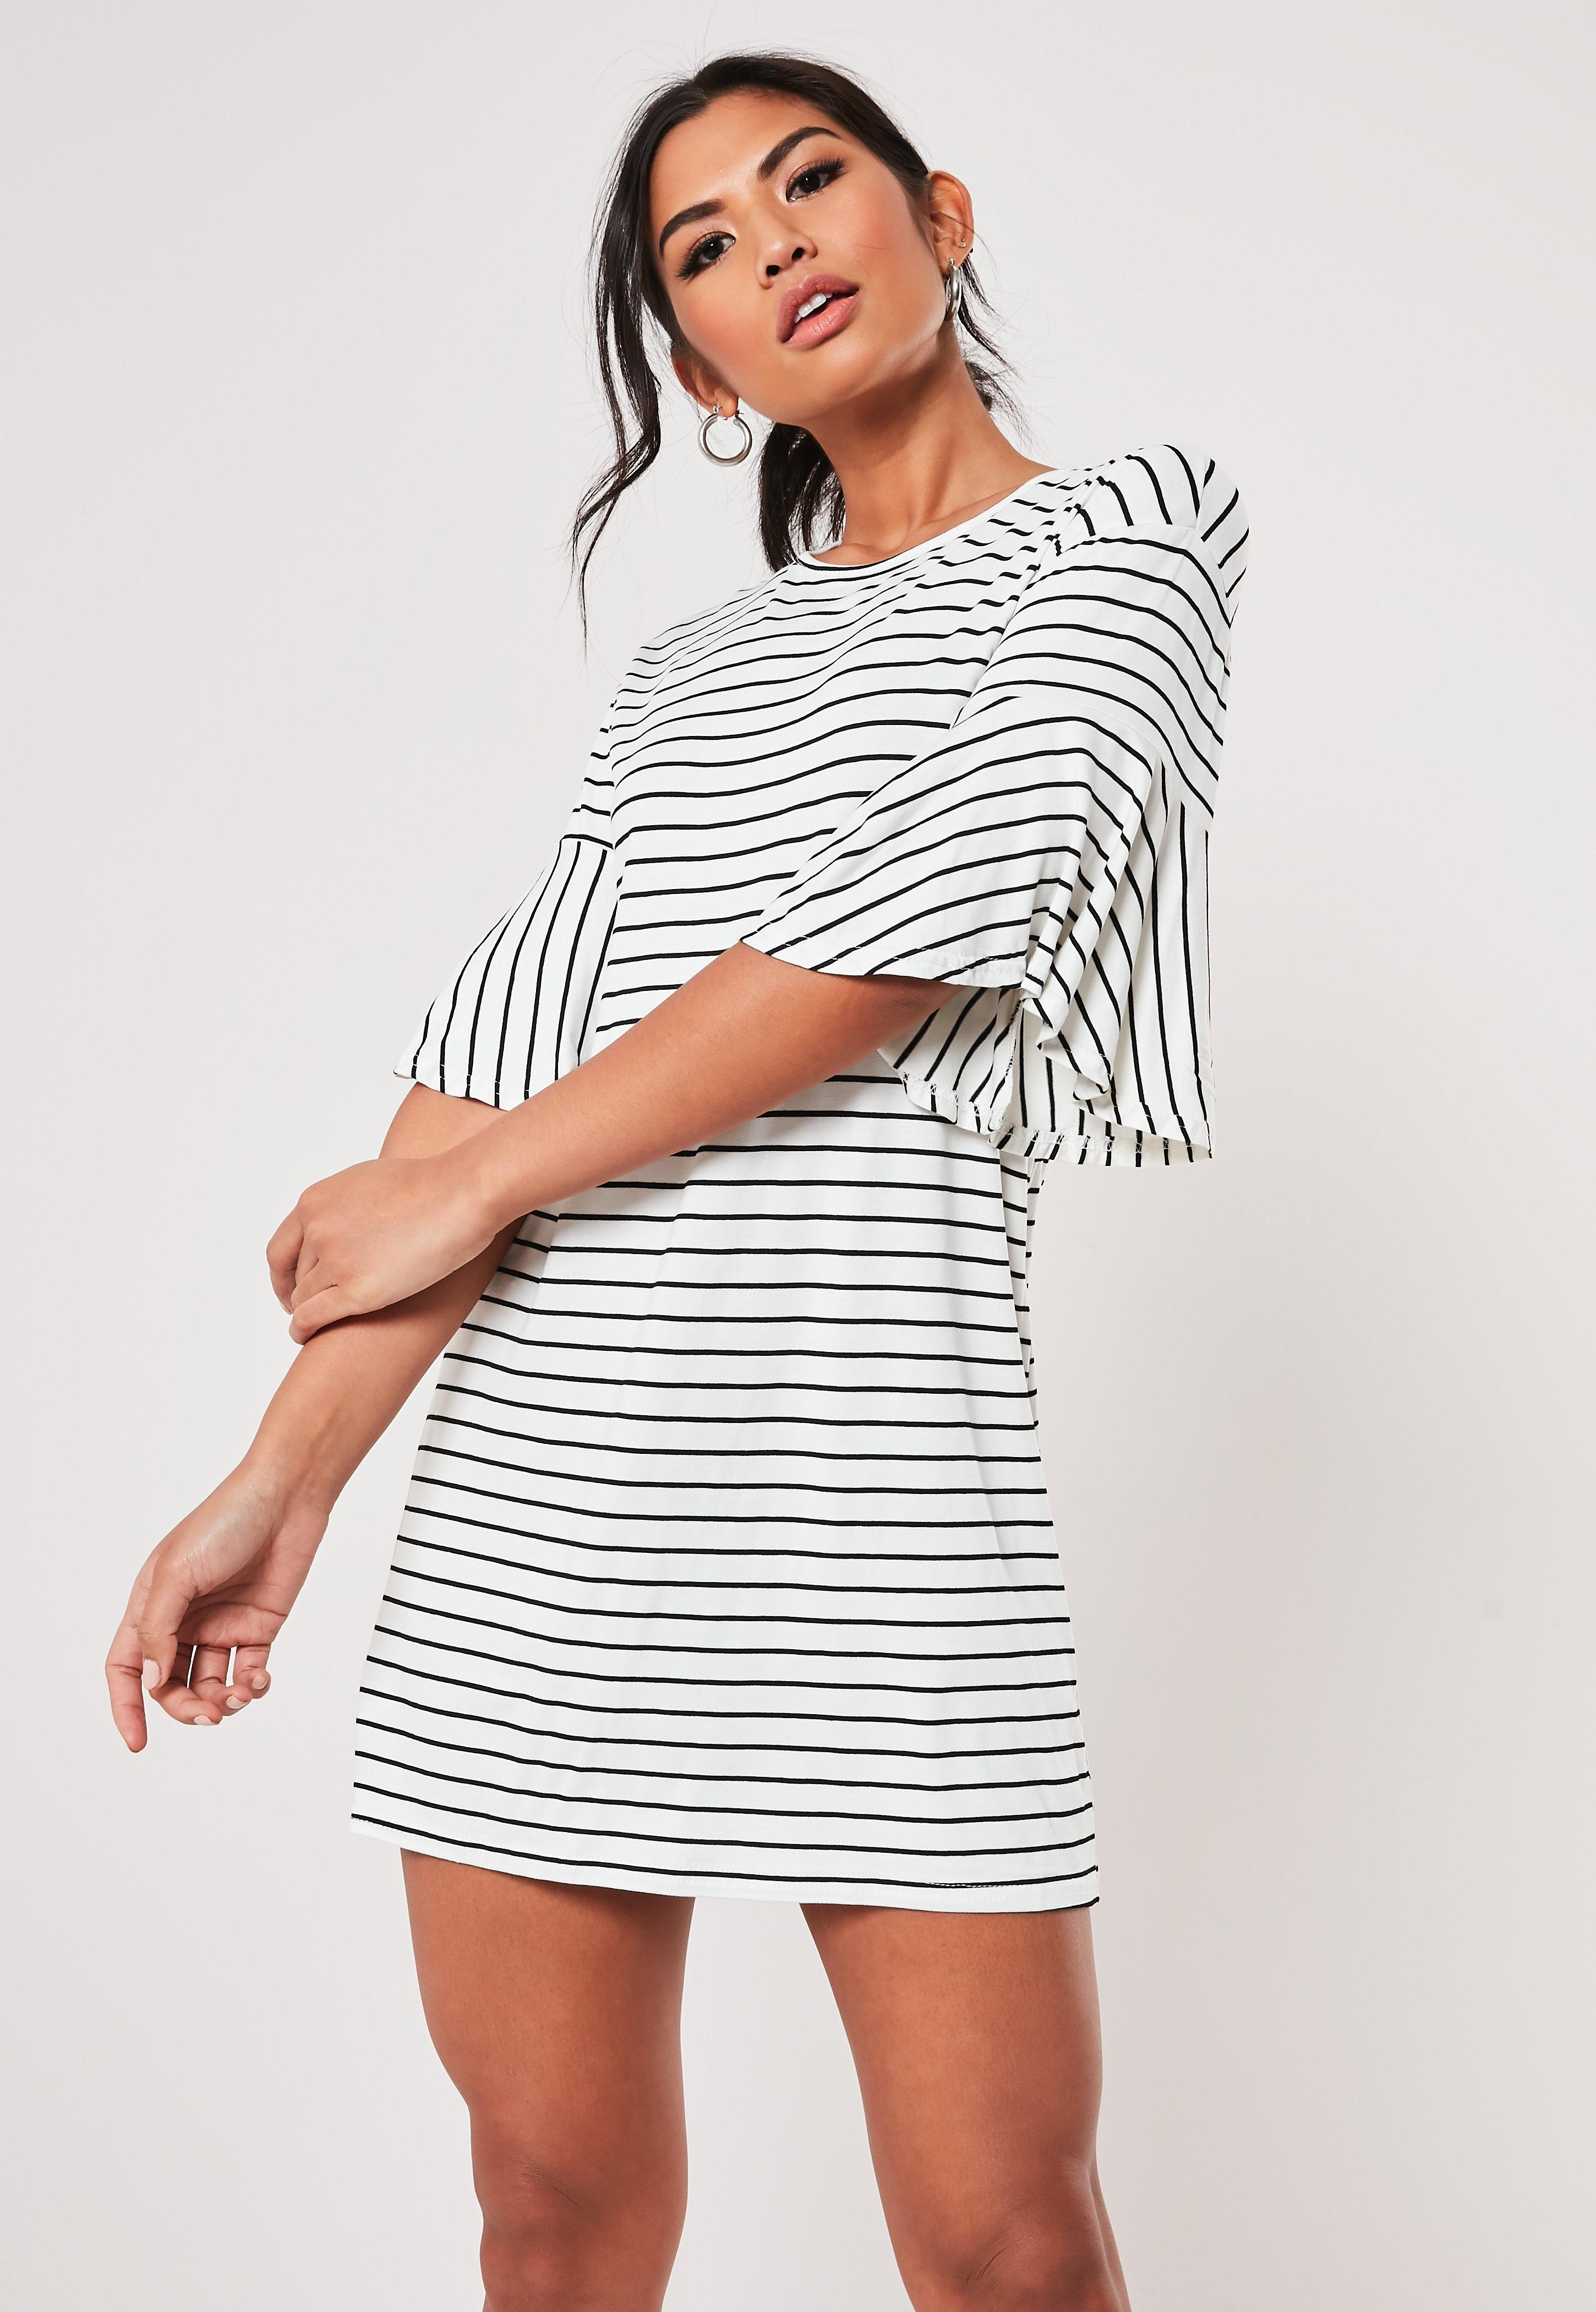 d17fec9adda Striped Dresses